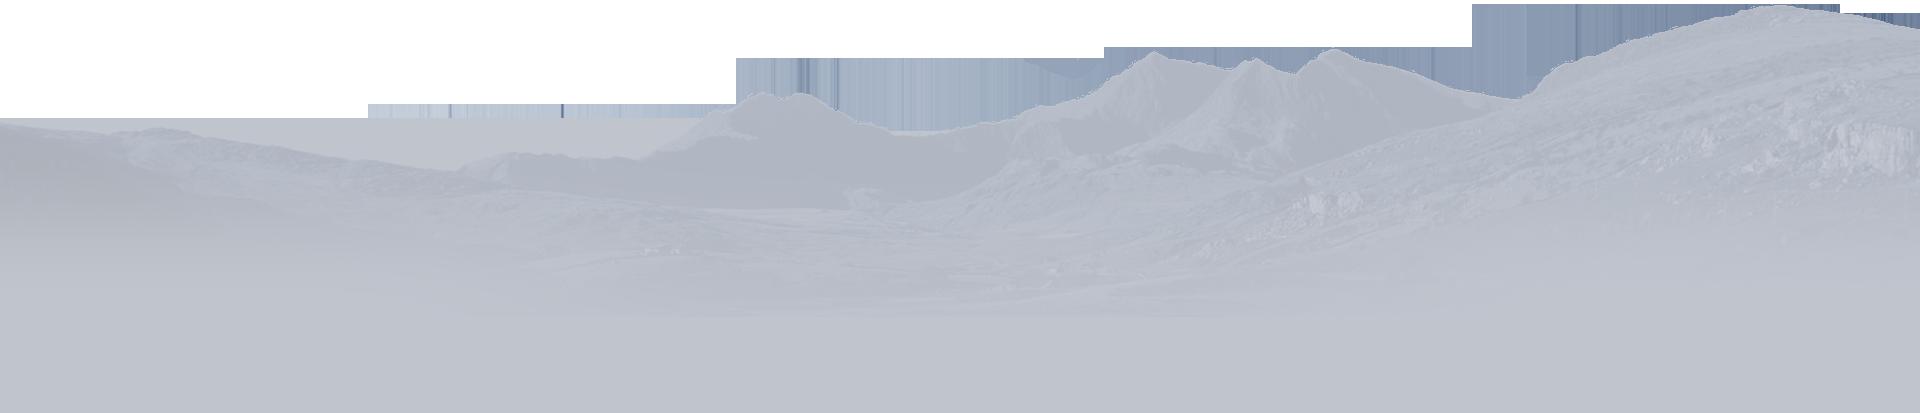 Mountains clipart mountain slope. Eryri snowdonia national park